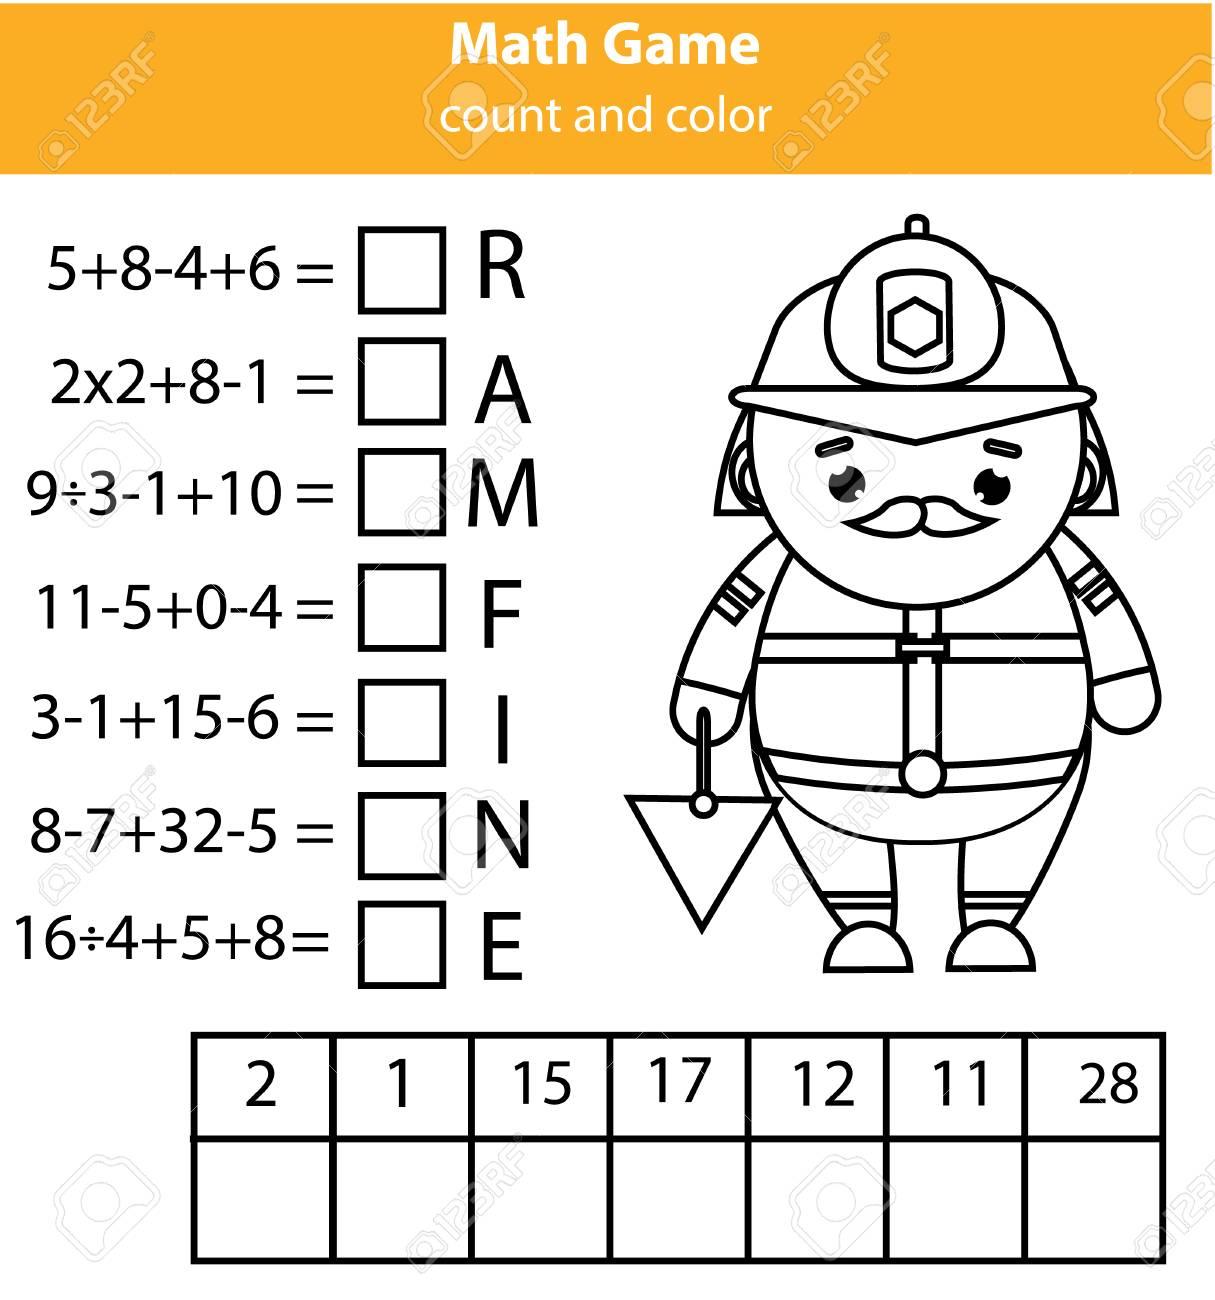 Wörter Puzzeln Kinderlernspiel Mit Mathematikgleichungen. Zählen Und ...